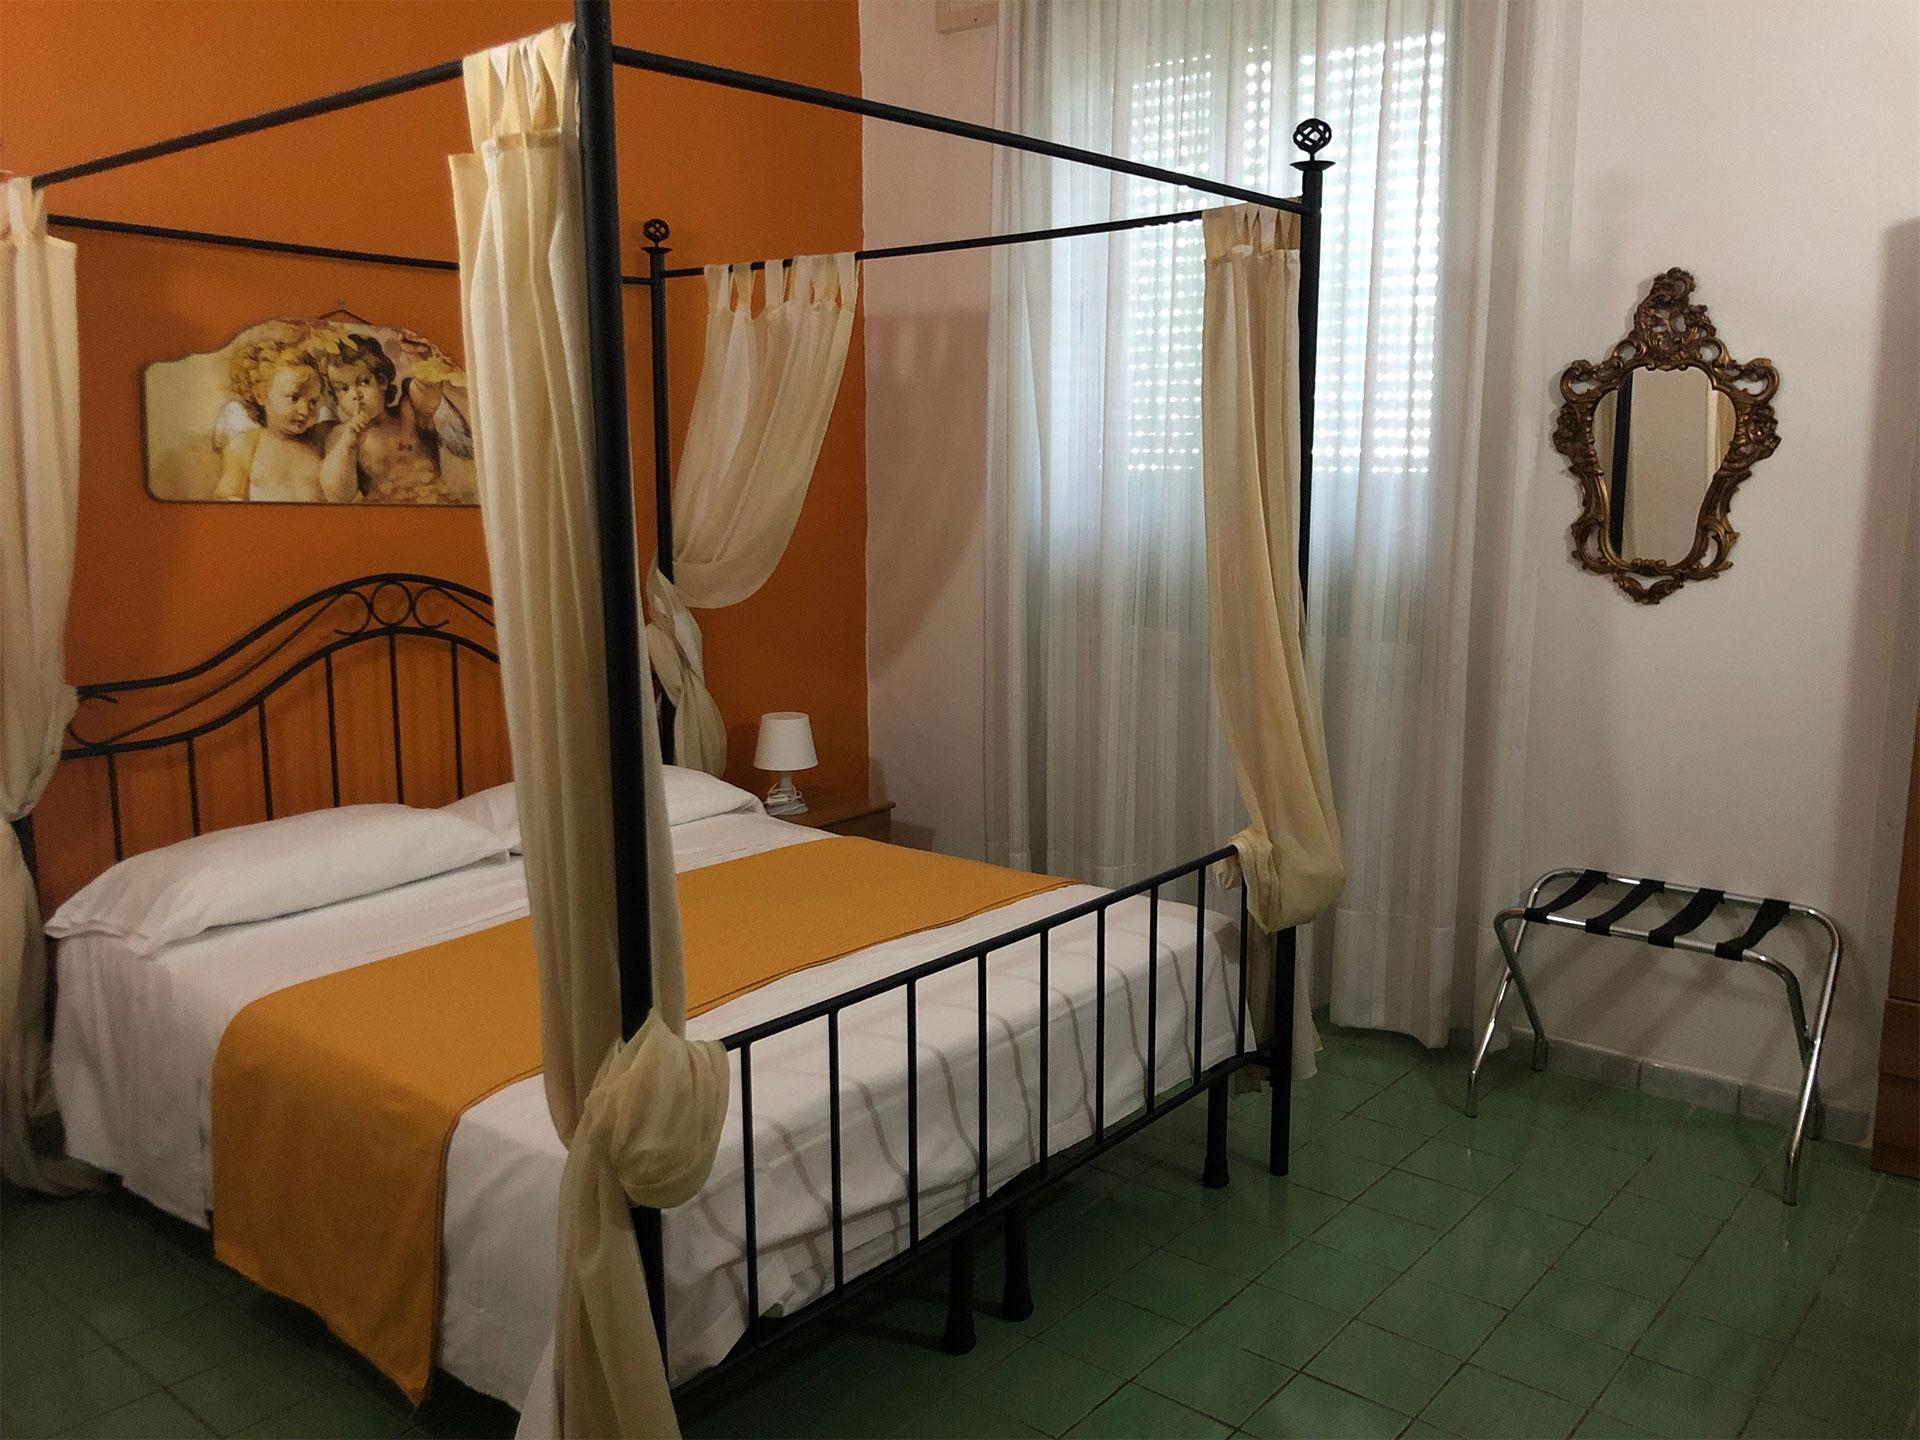 Matrimoniale standard con letto a baldacchino Hotel Vietri Coast